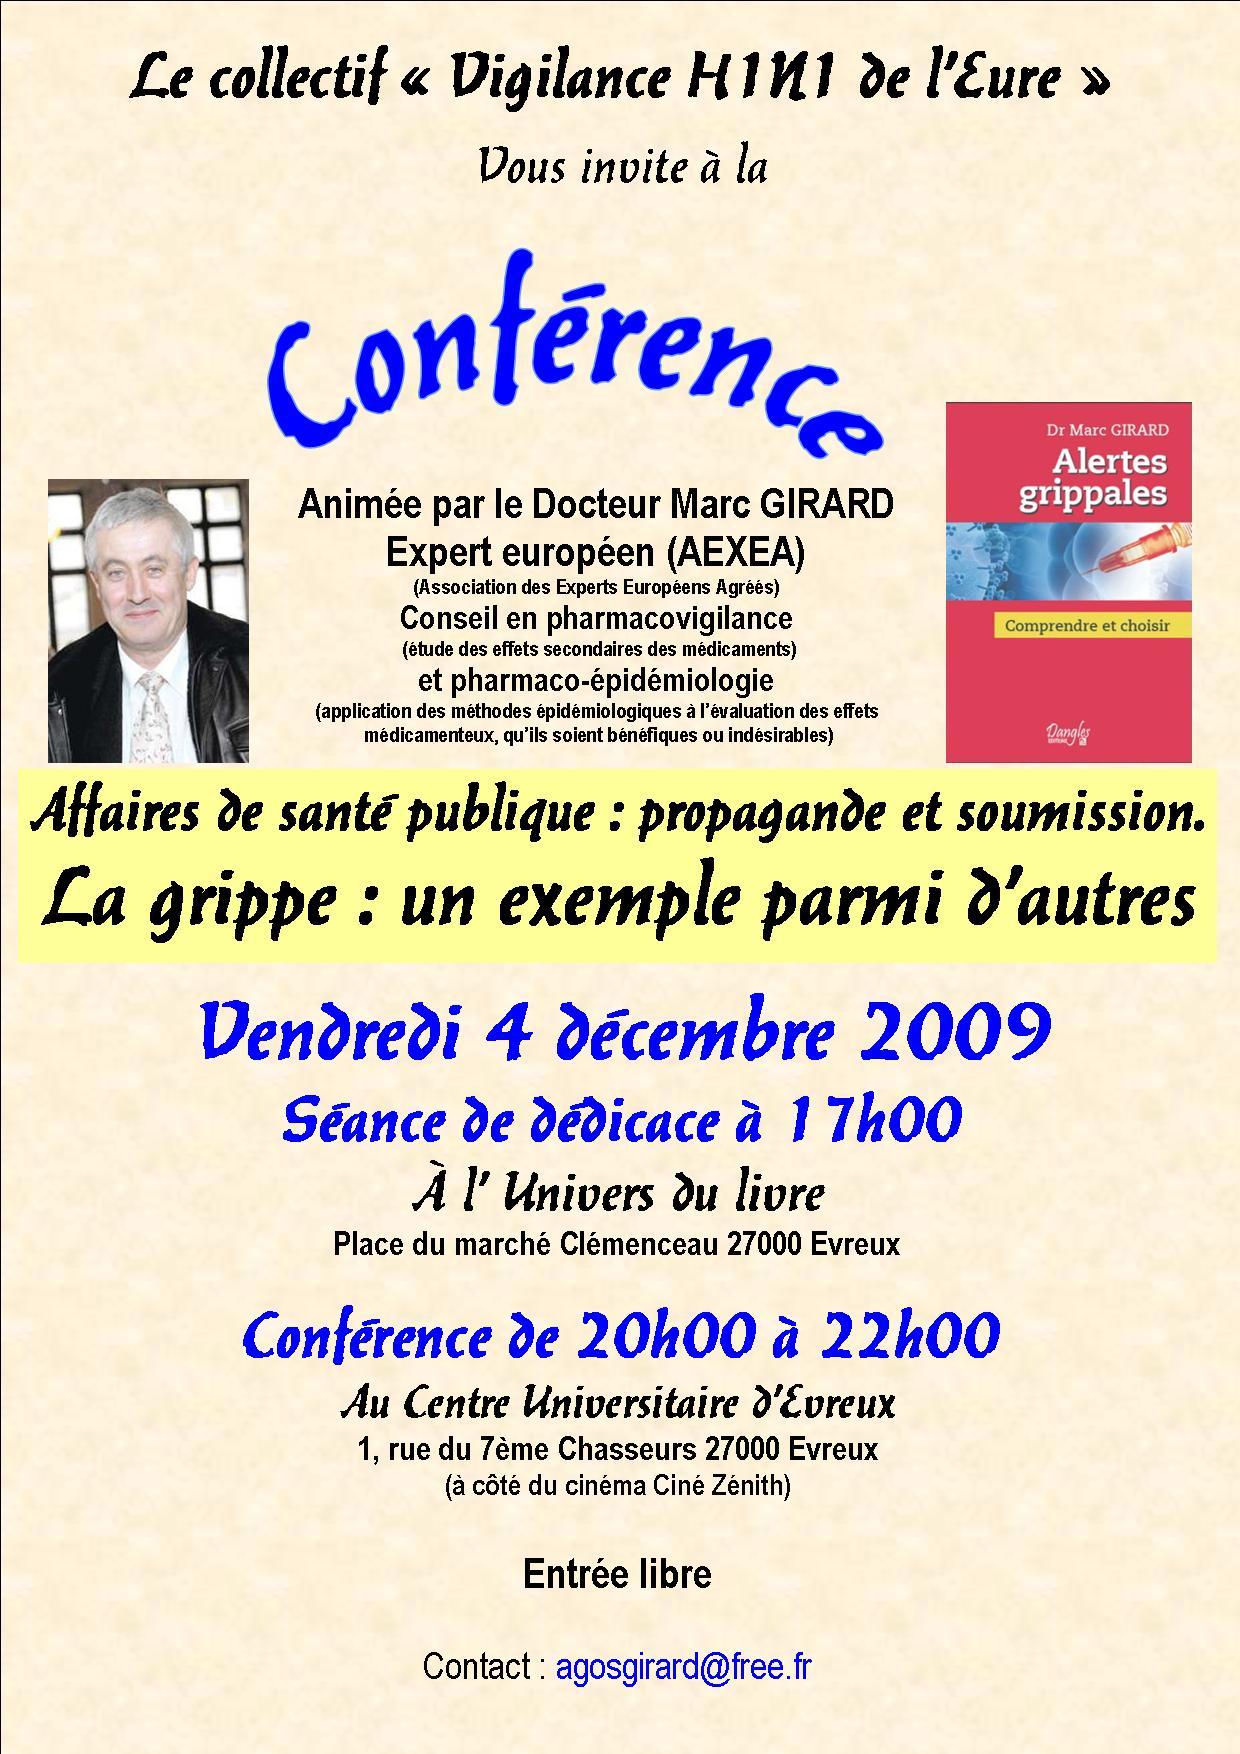 Conférence Evreux - Conférence-débat à Evreux (27000) - Dr Marc Girard